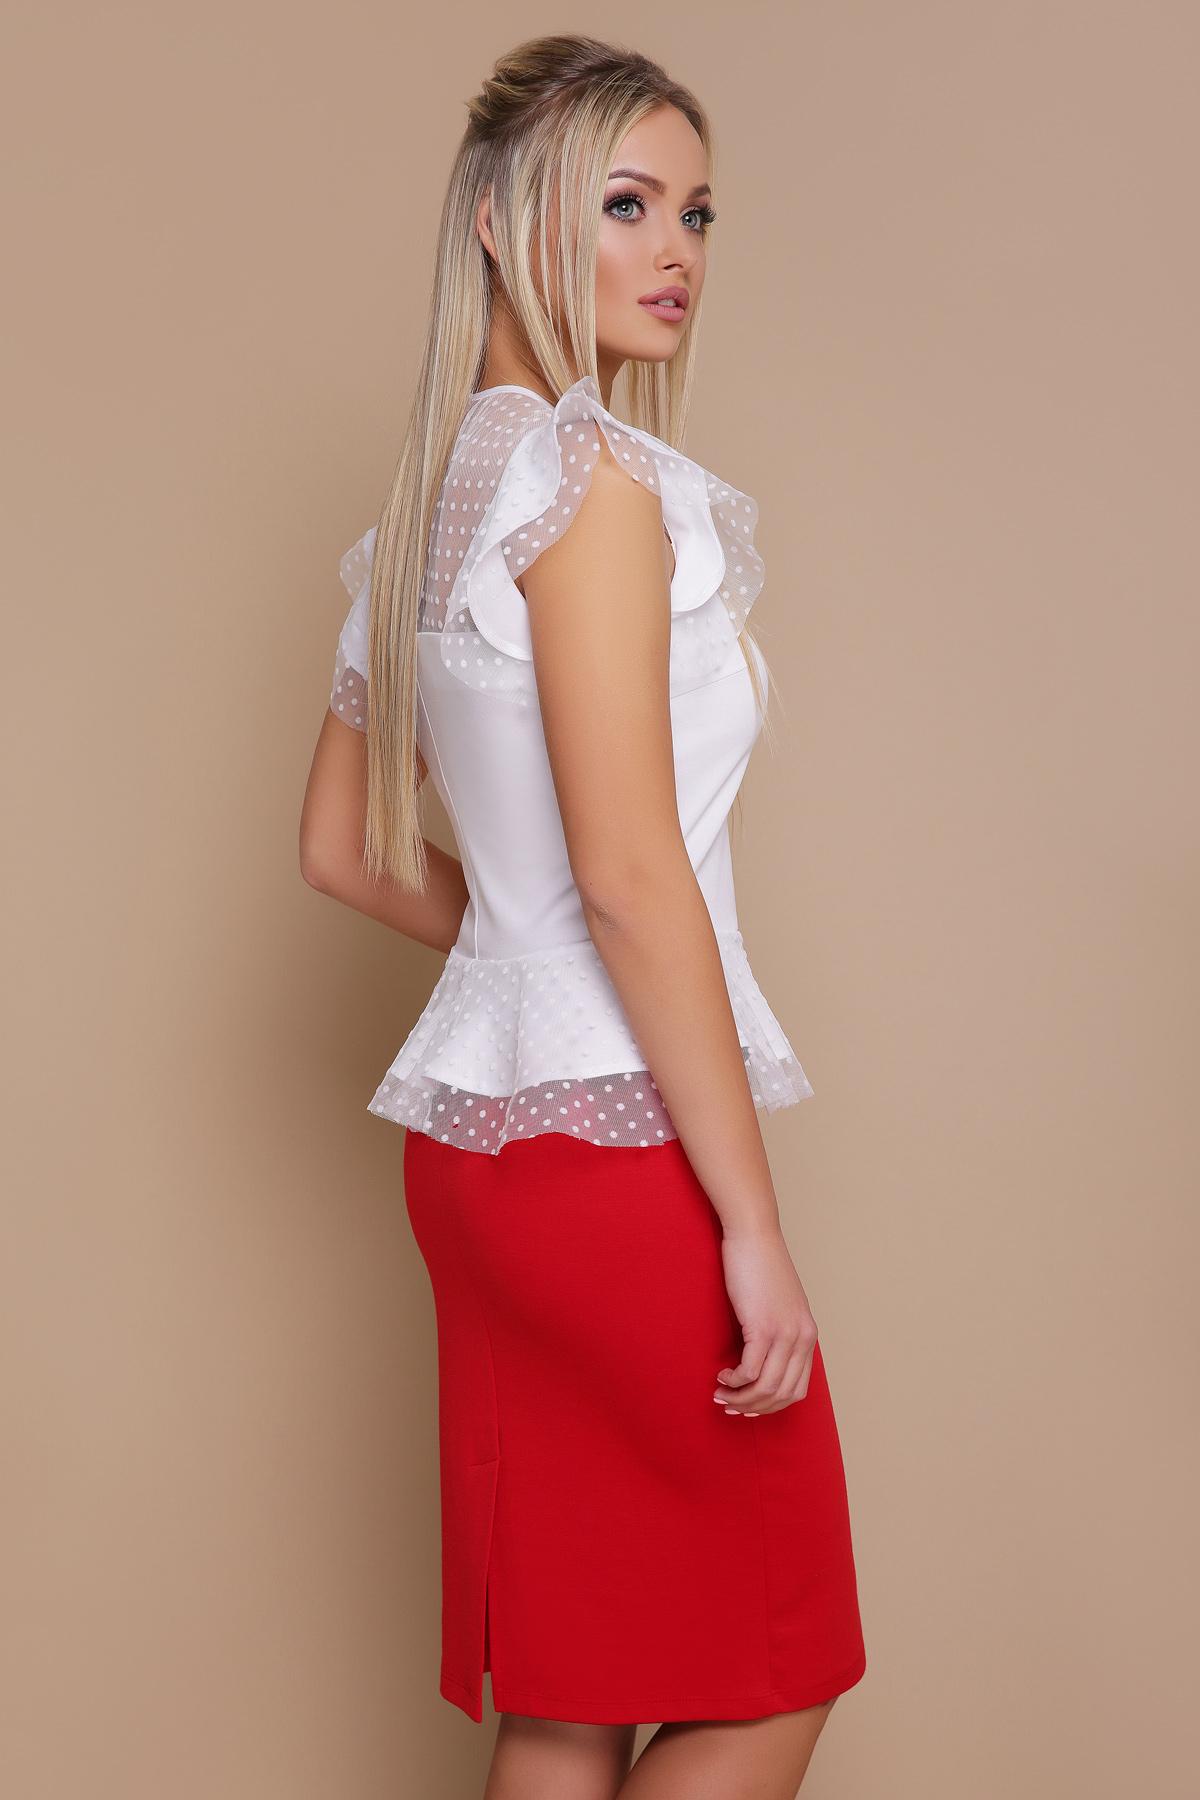 c389aa920f4 черная блузка с баской. блуза Лайза б р. Цвет  белый купить